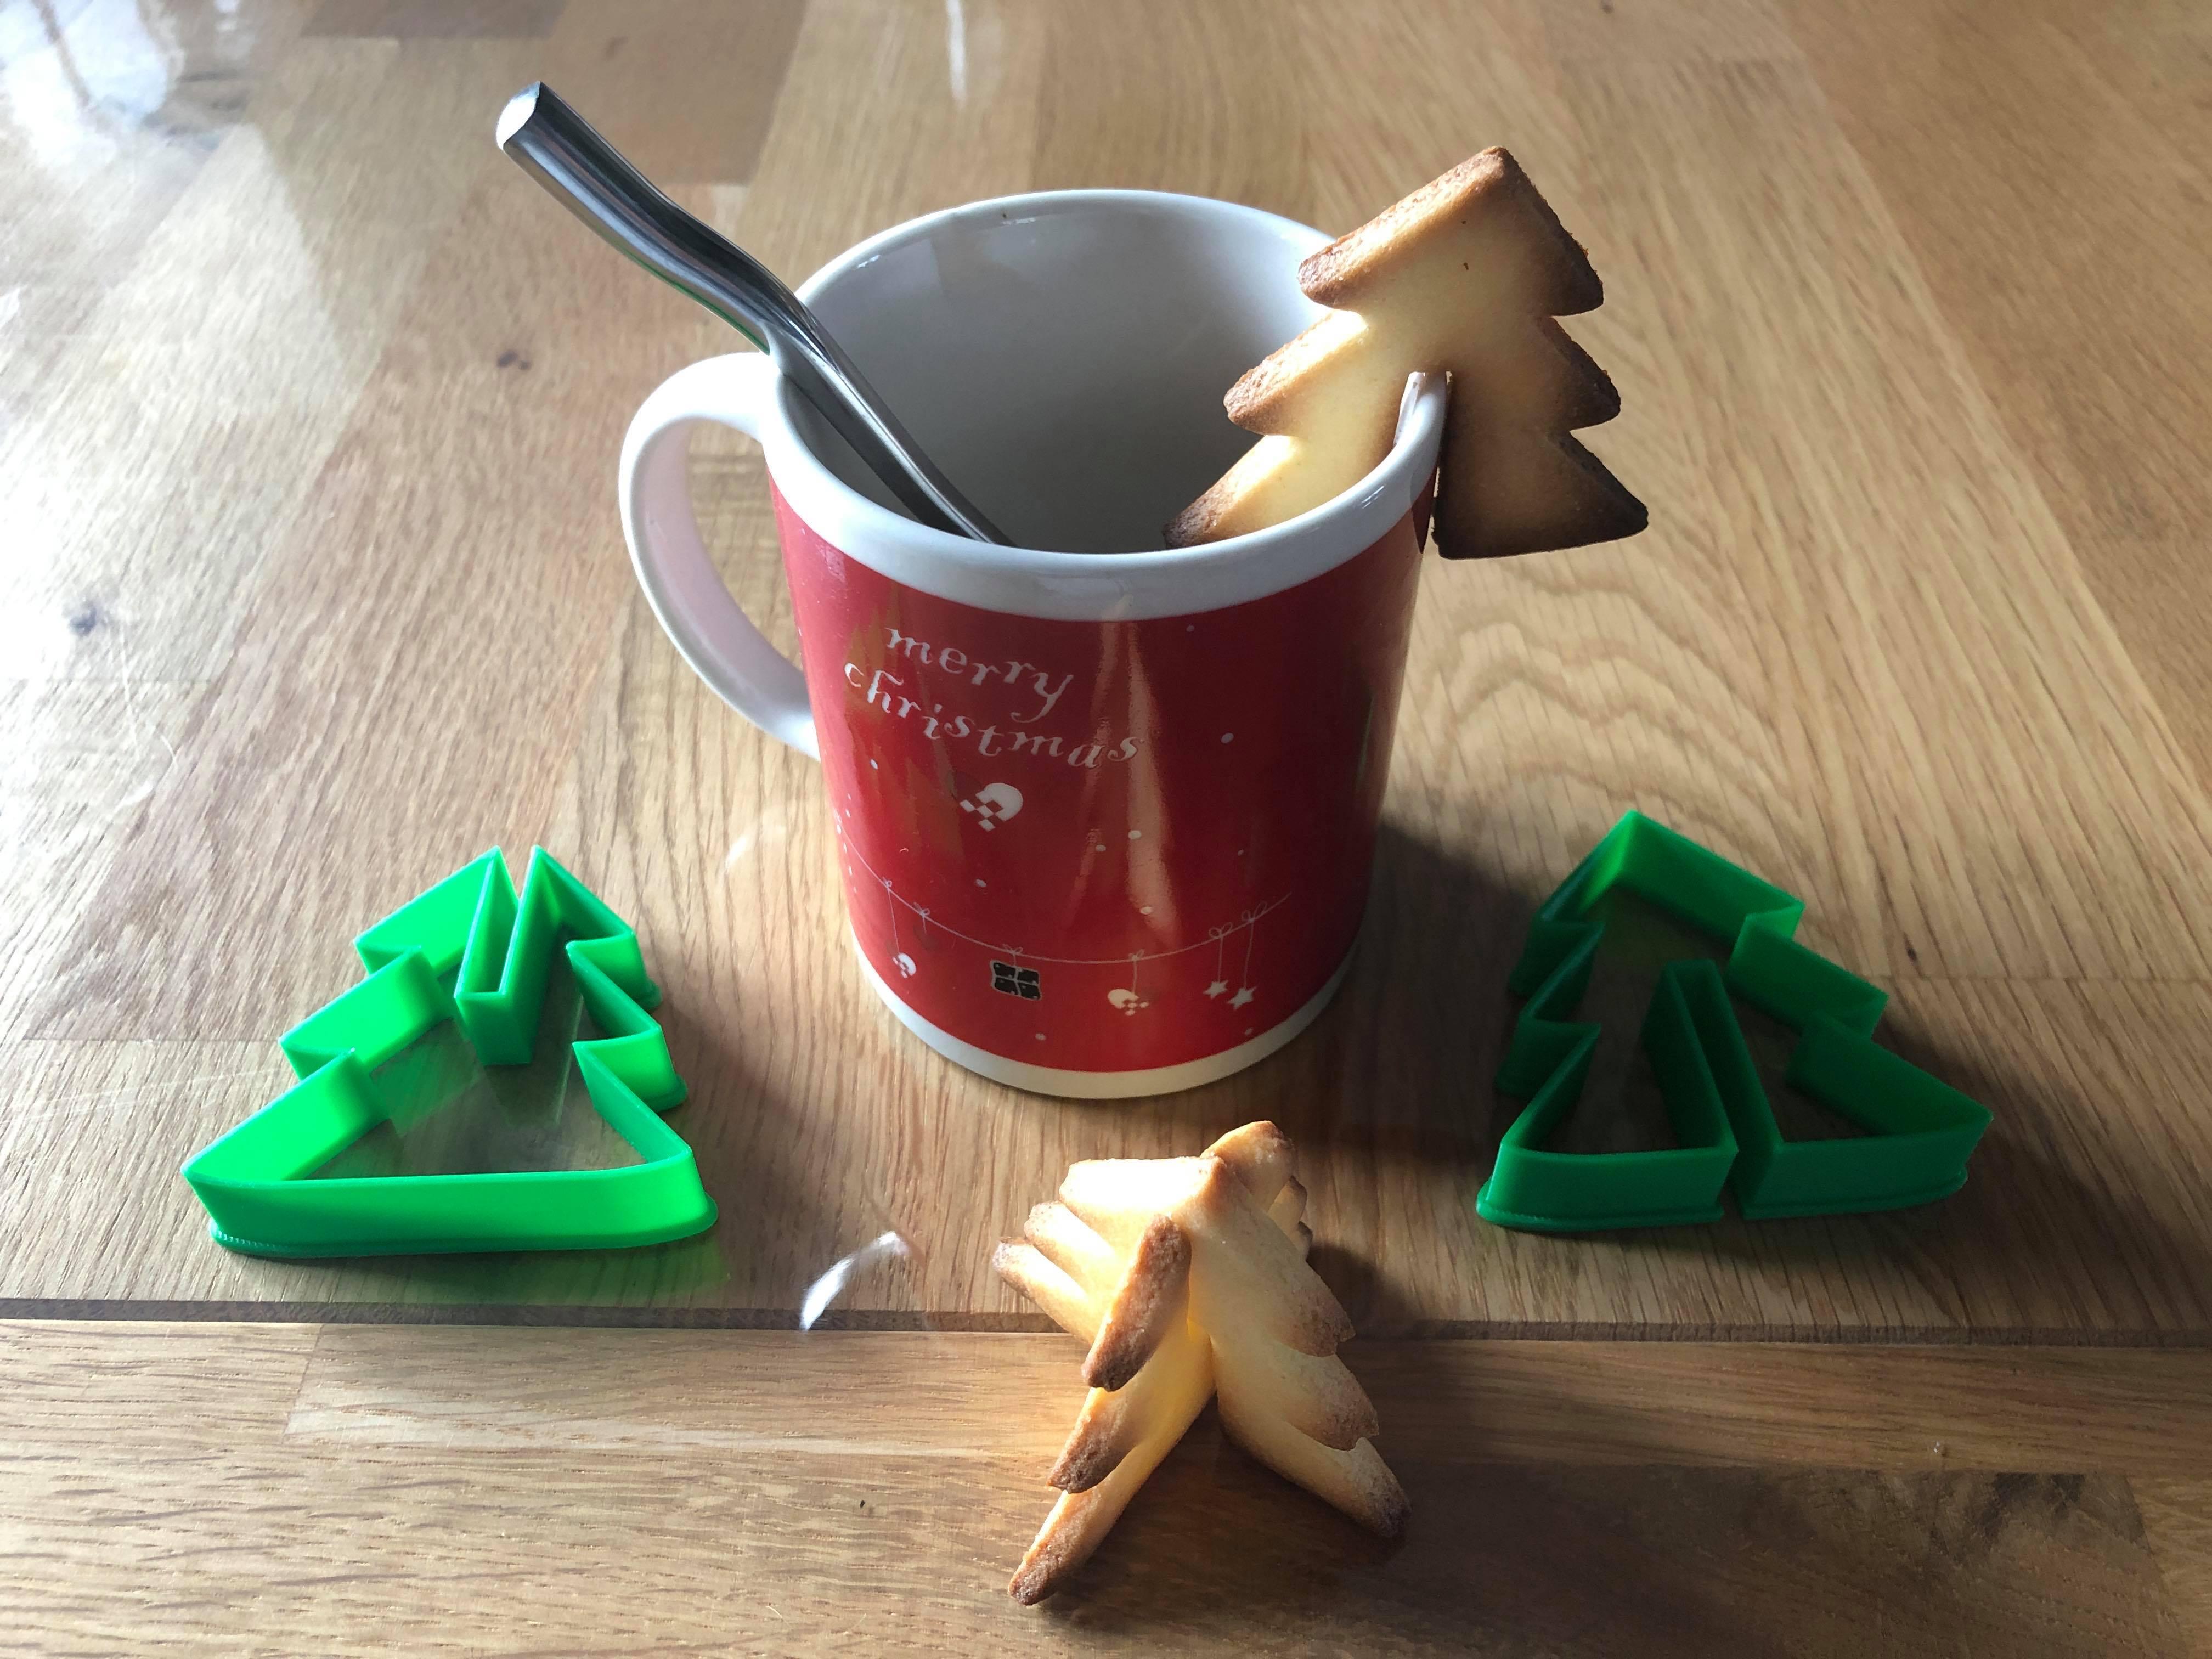 TASSE SAPIN.png Télécharger fichier STL gratuit emporte piece sapin 3D  cookie cutter fir 3D • Objet pour imprimante 3D, fantibus14